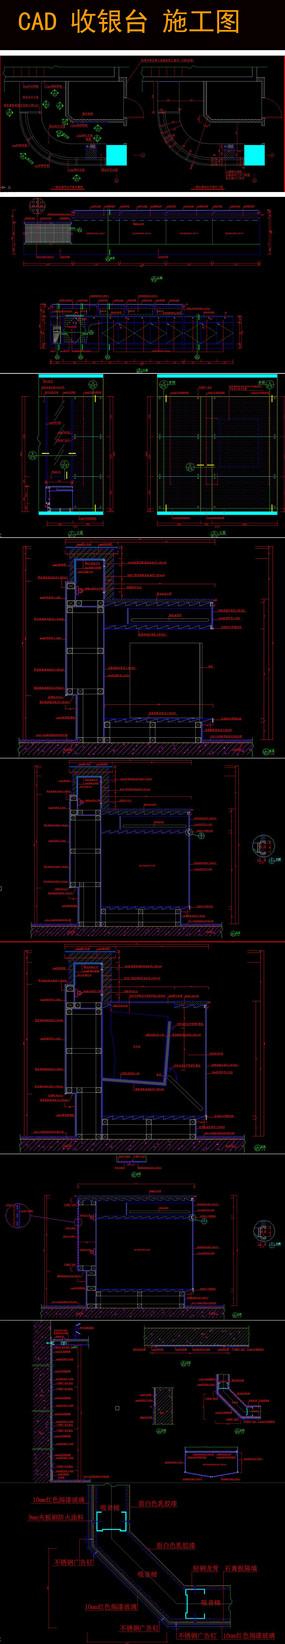 CAD收银台施工图节点大样图